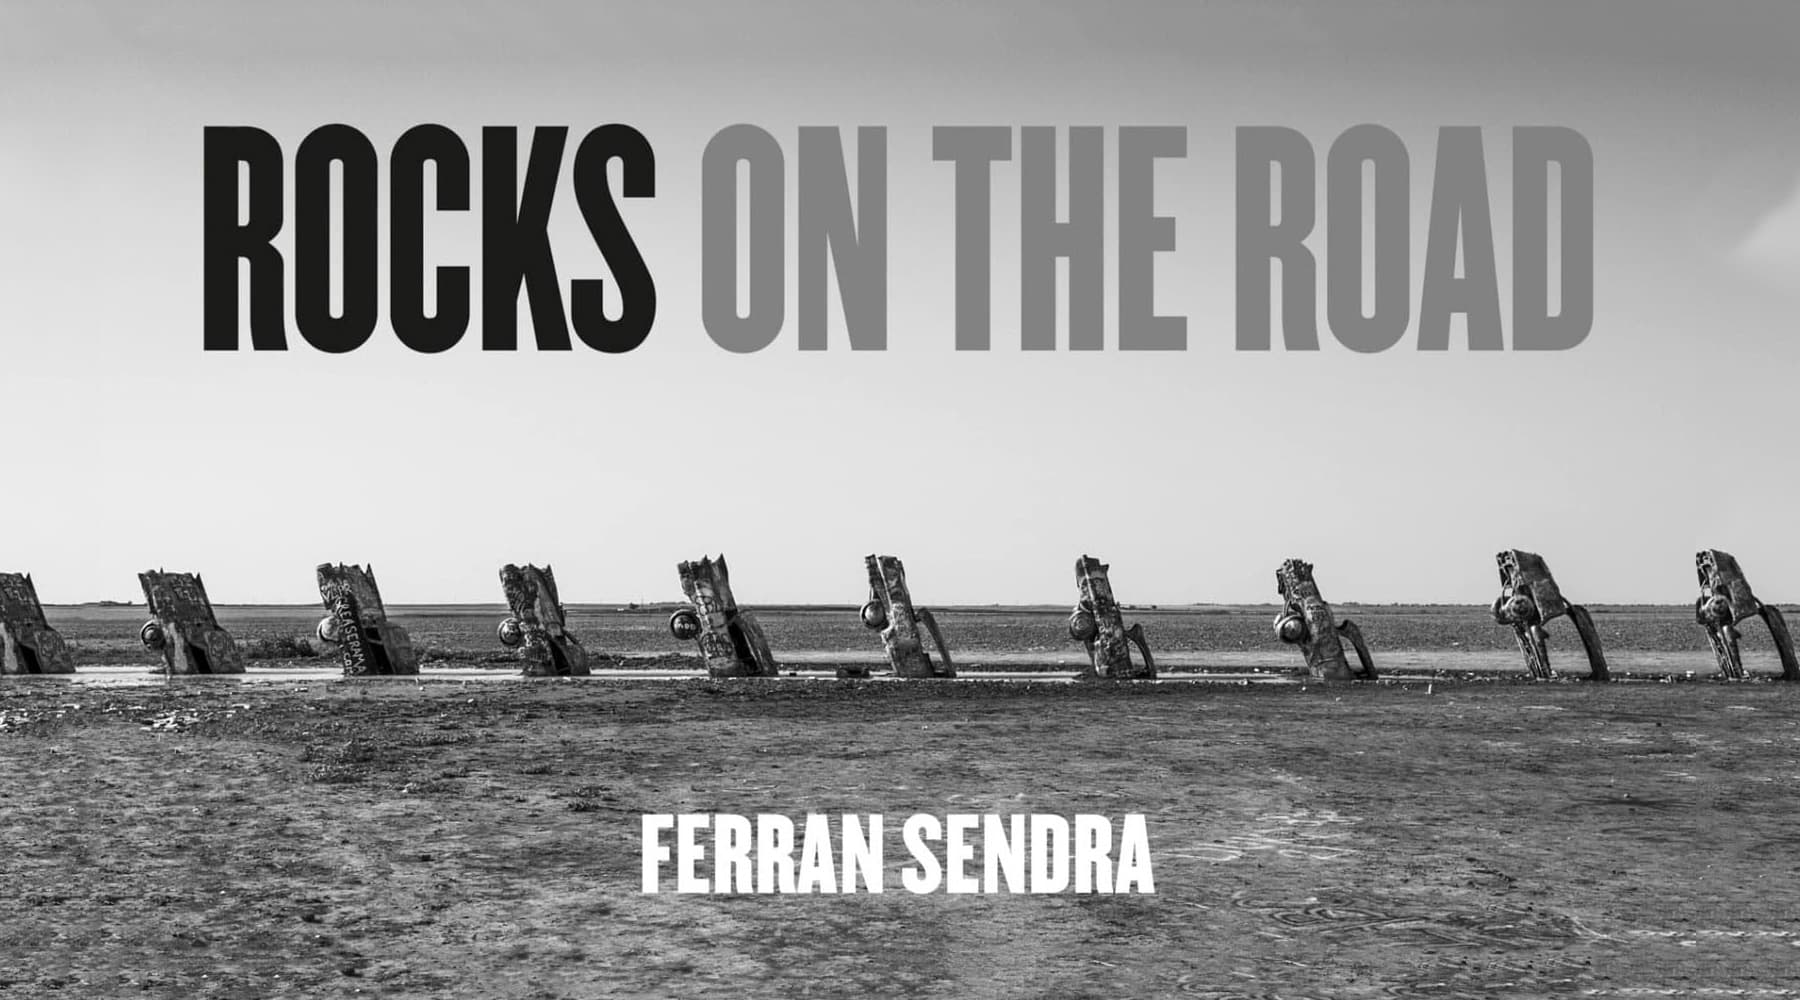 Llibre de fotografia 'Rocks on the Road' de Ferran Sendra